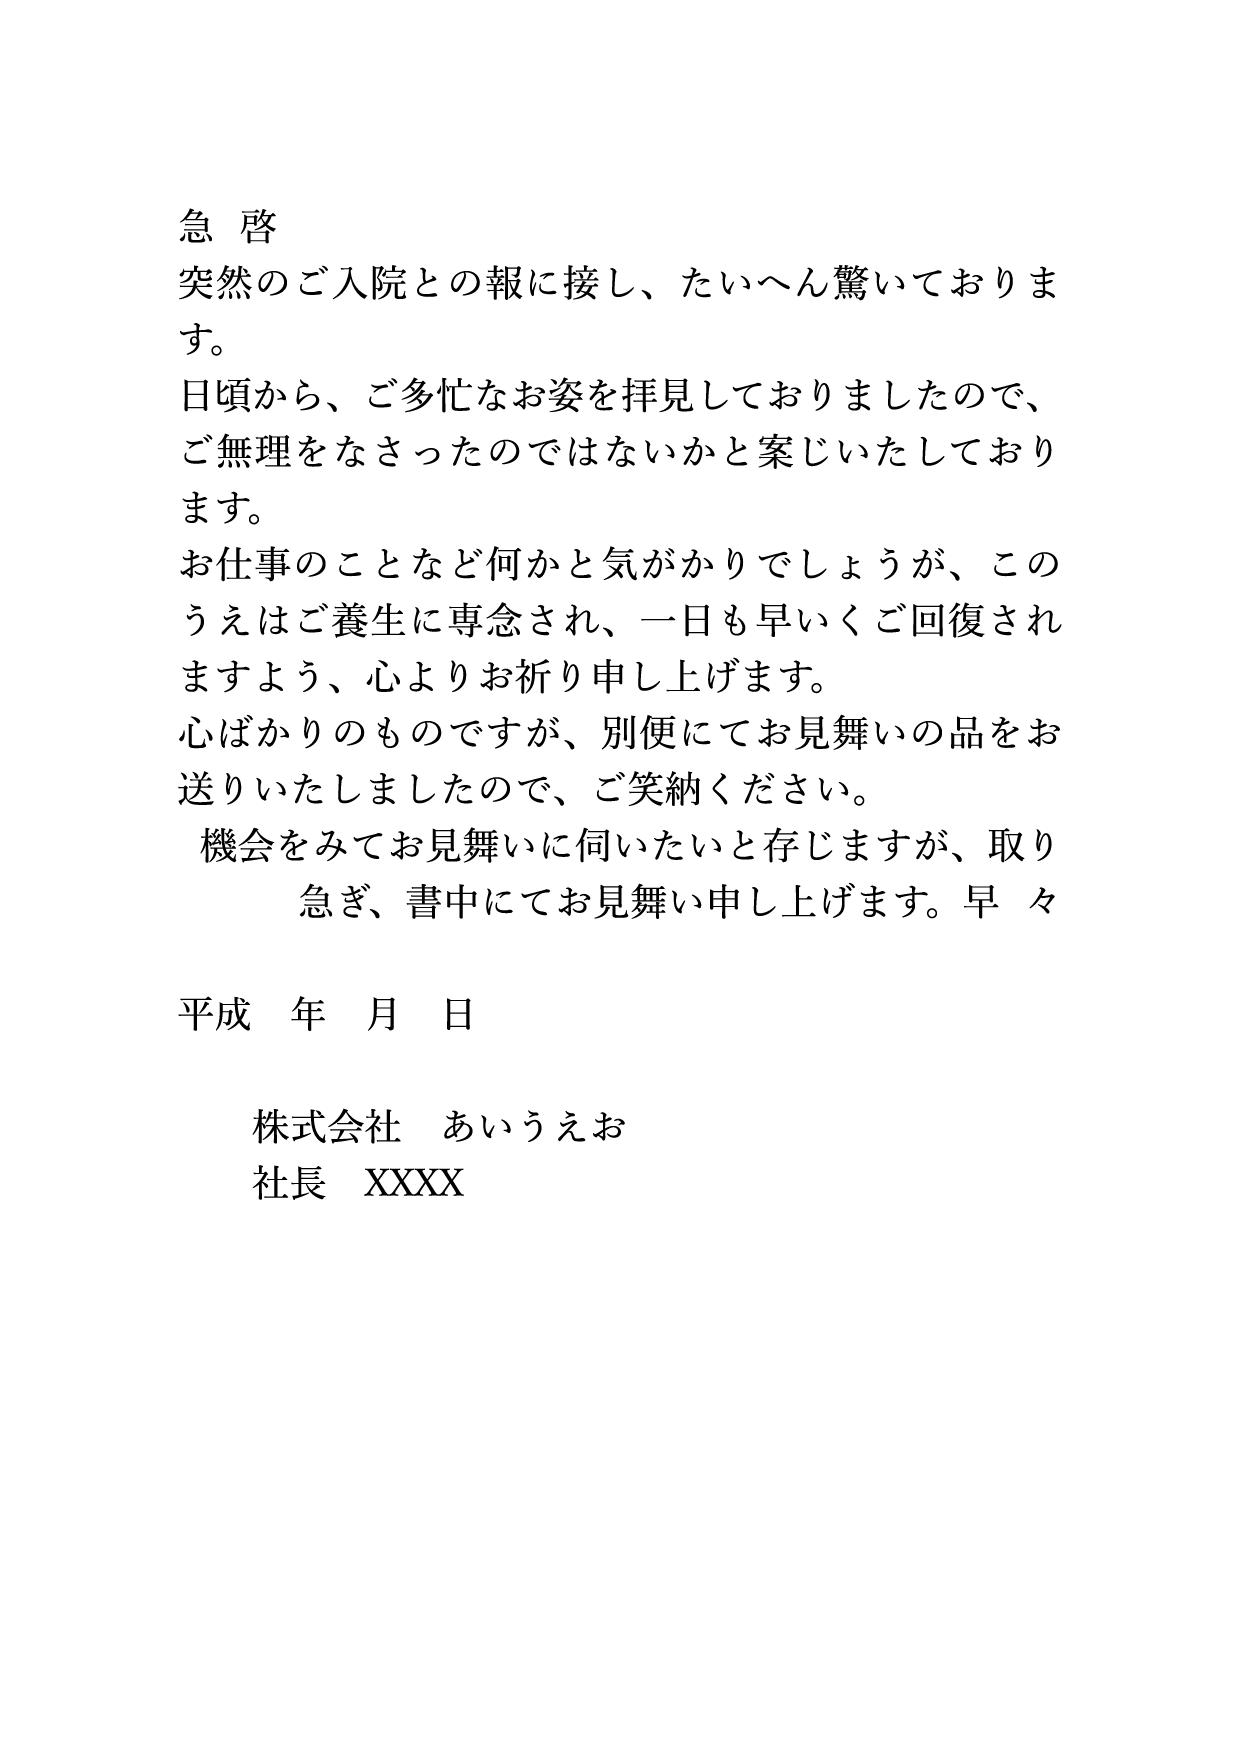 見舞状_文例テンプレート(病気_取引先_担当)